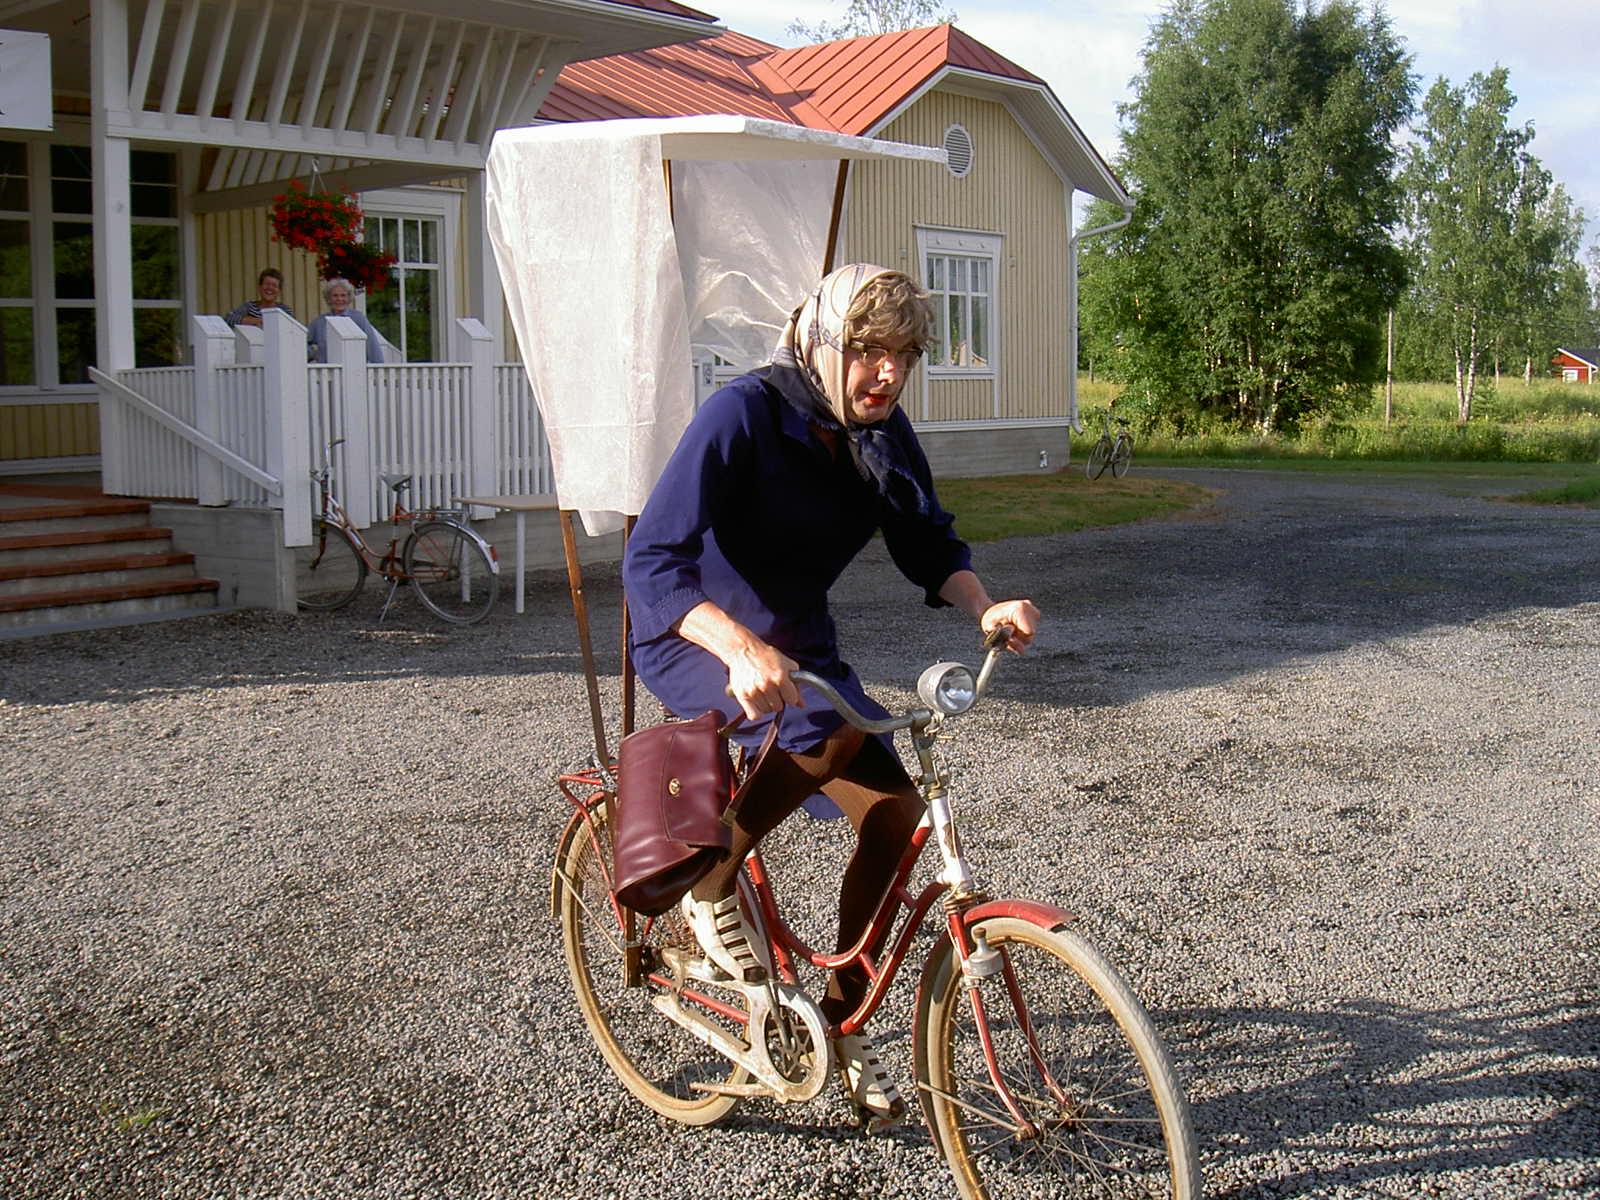 """""""Hulda från Klemetsänadan"""" alltså Mikael Nelson brukar ta sig igenom Majbolänken på lite olika sätt, i detta fall med ett riktigt """"trampvagn"""". Året är 2005."""